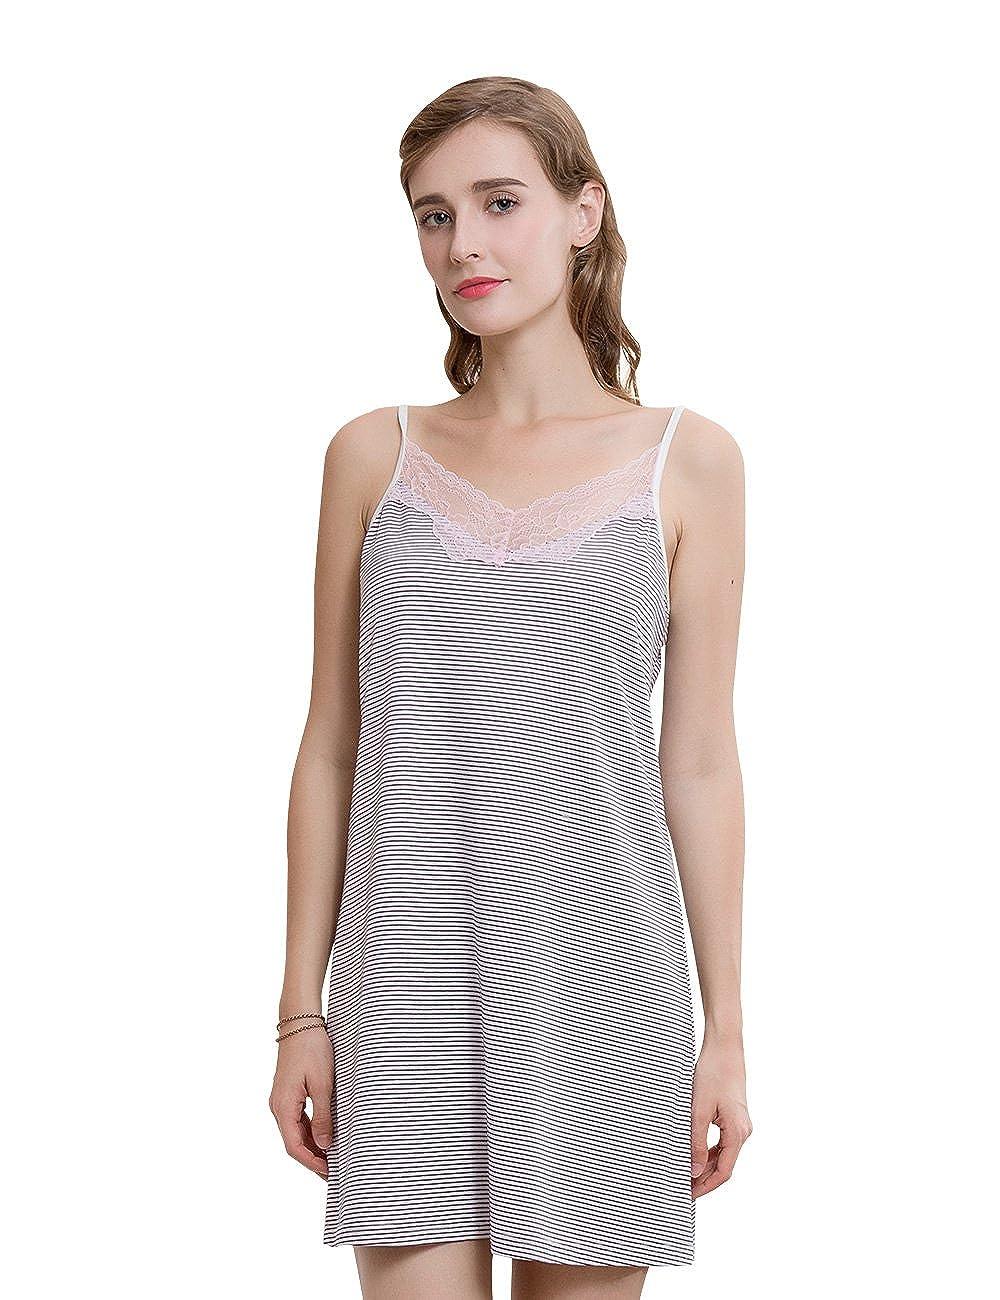 Camisón Mujer Verano Vestido De Pijama Algodón Sin Manga Camisola Escote Falda Cuello V Elegante Dress